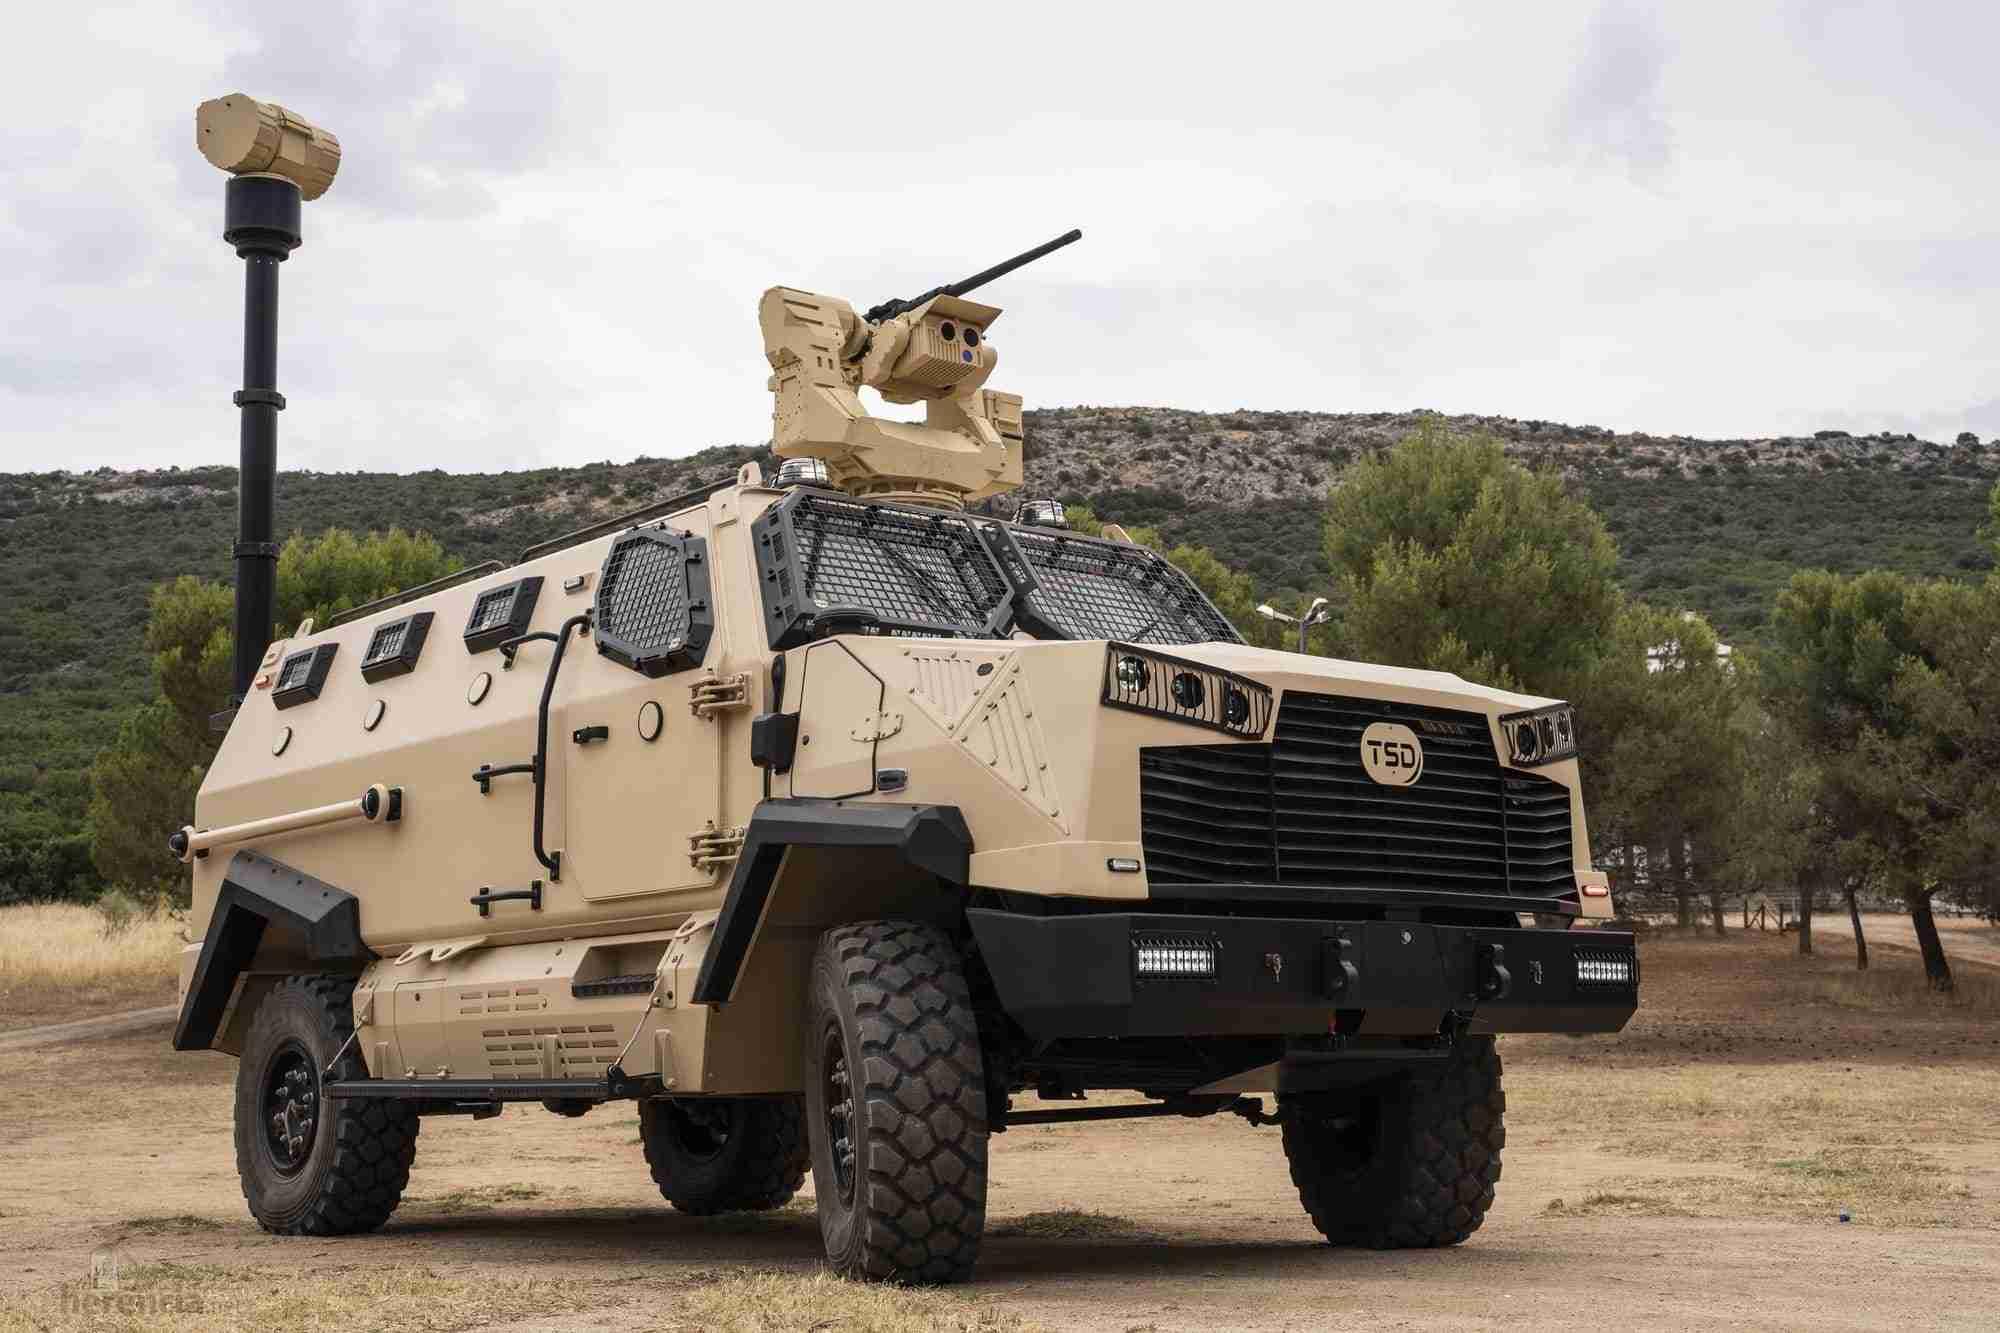 TSD presenta IBERO, un vehículo táctico multipropósito, con adaptabilidad y versatilidad 21